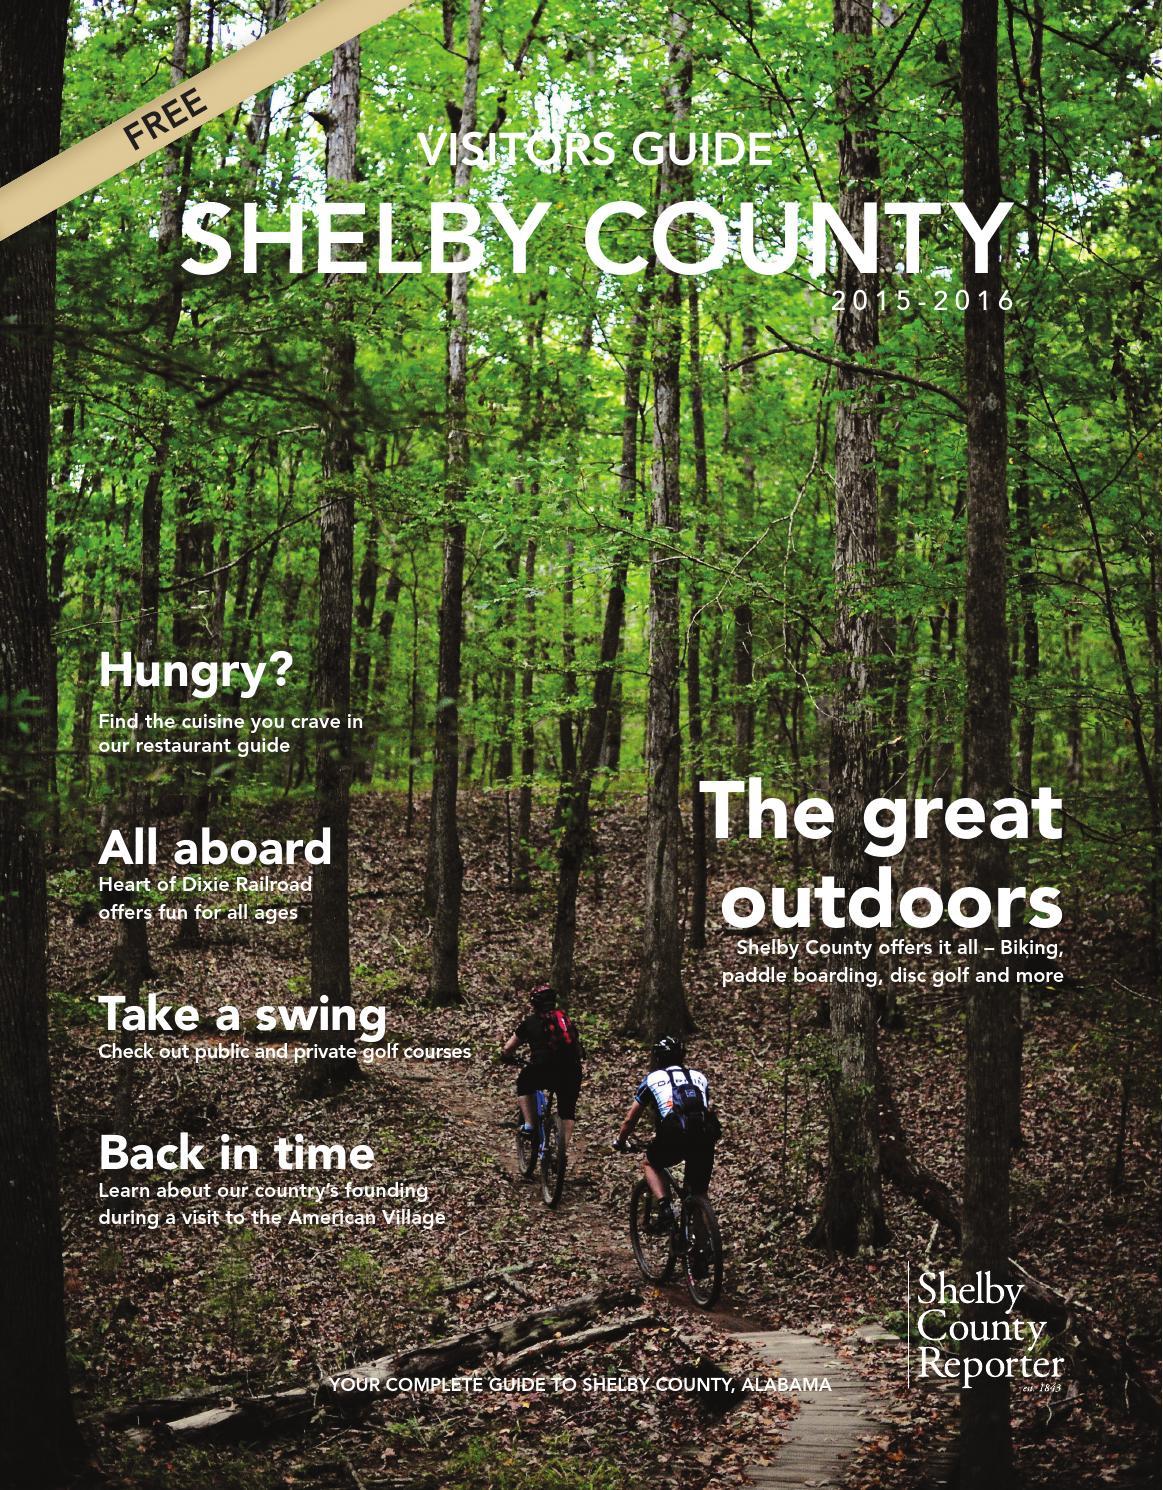 Alabama shelby county wilton - Alabama Shelby County Wilton 28